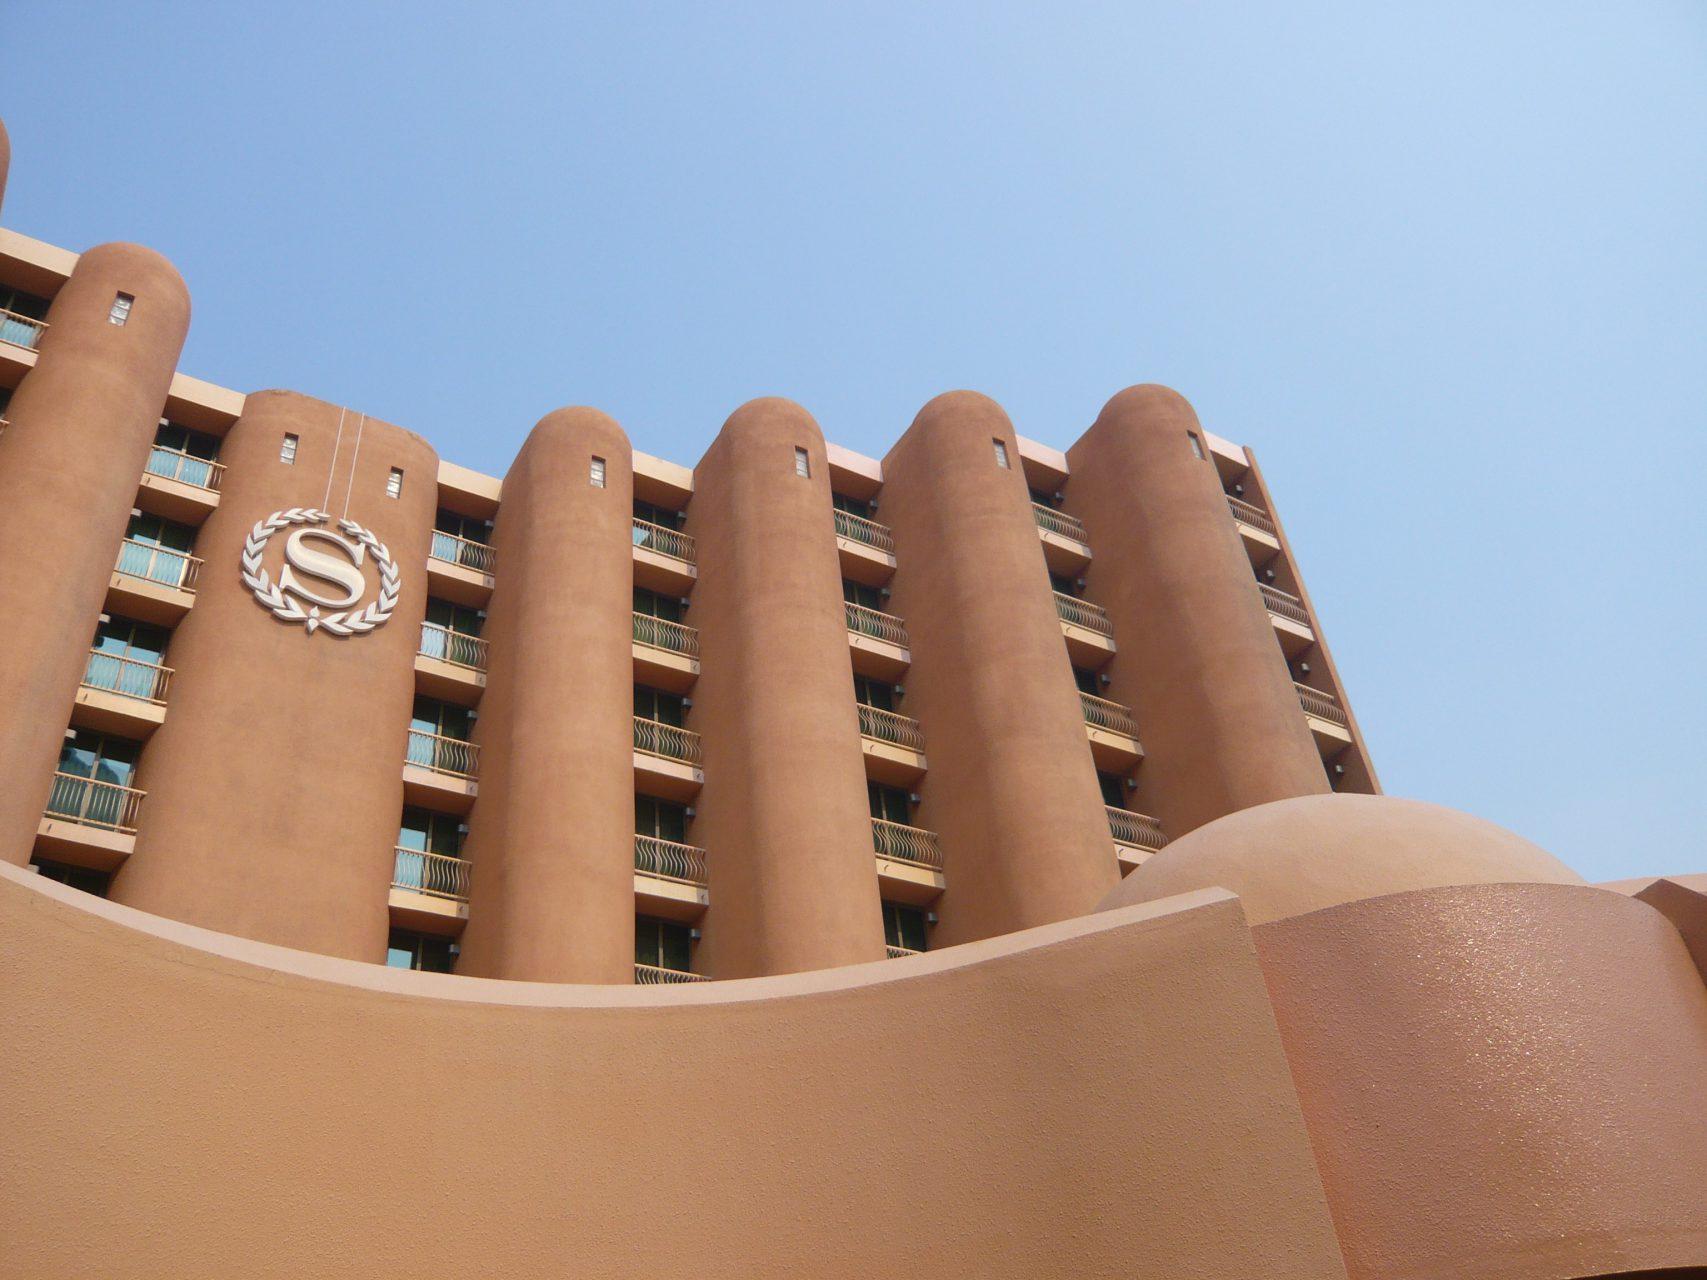 Sheraton Hotel Abu Dhabi 1979 Pbp Architekten